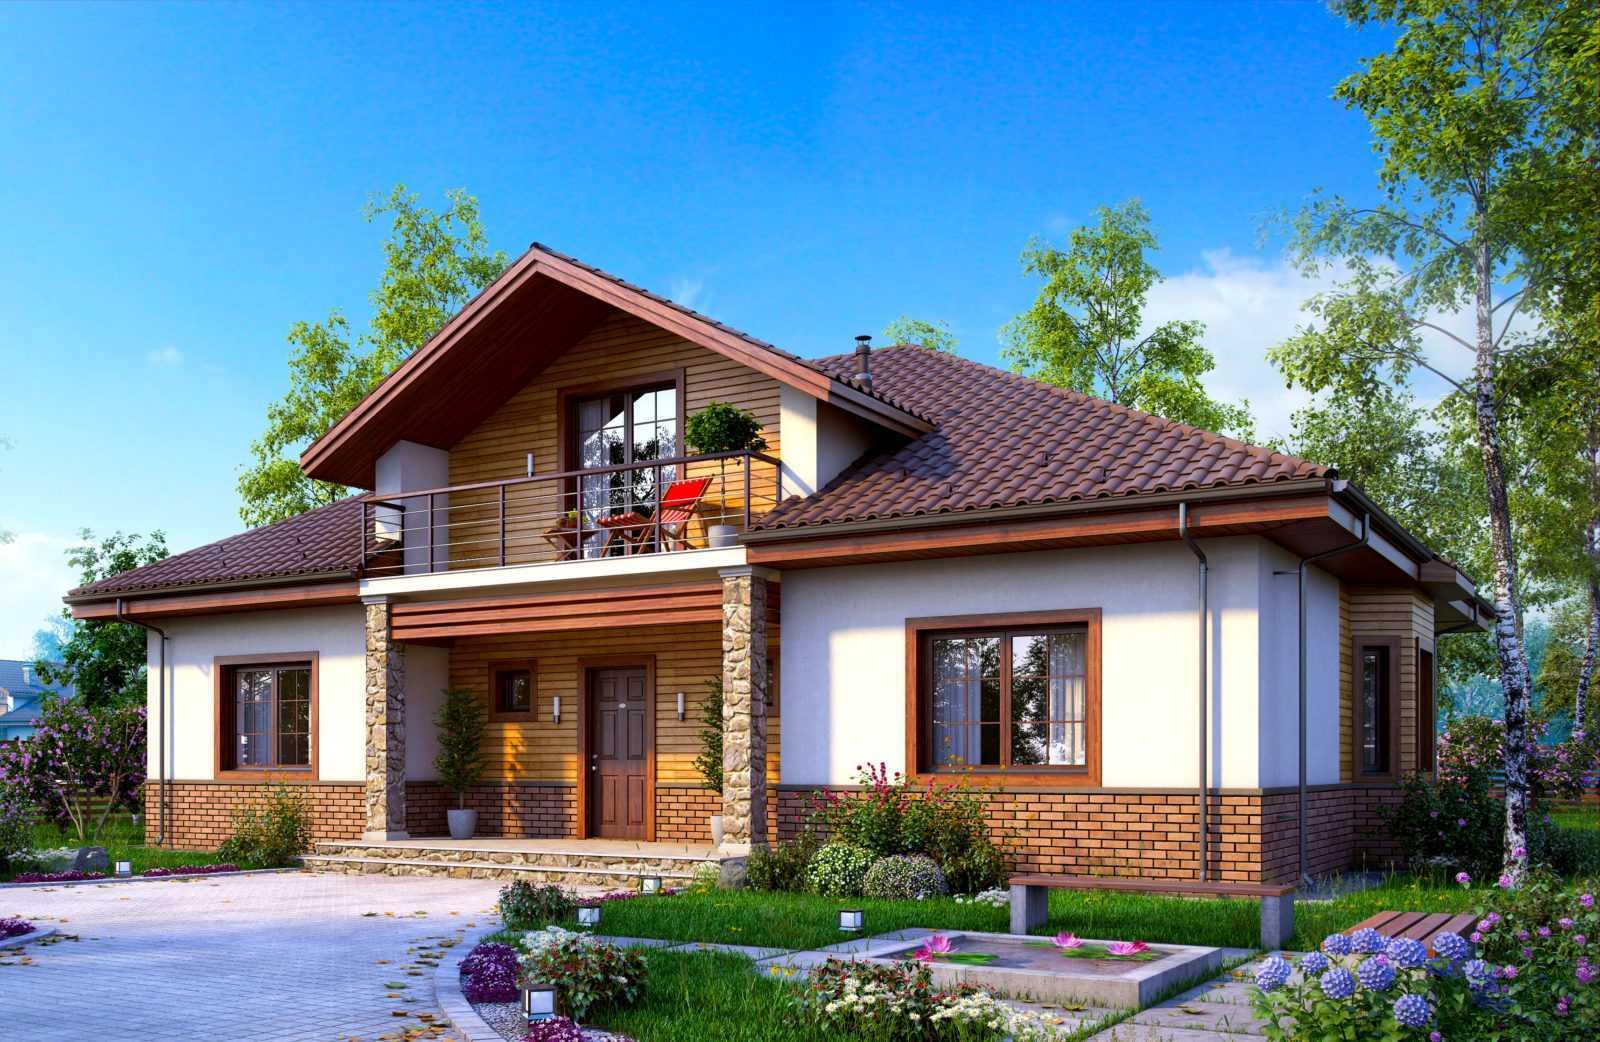 Дом с мансардой - 120 фото современного дизайна. лучшие решения и проекты домов